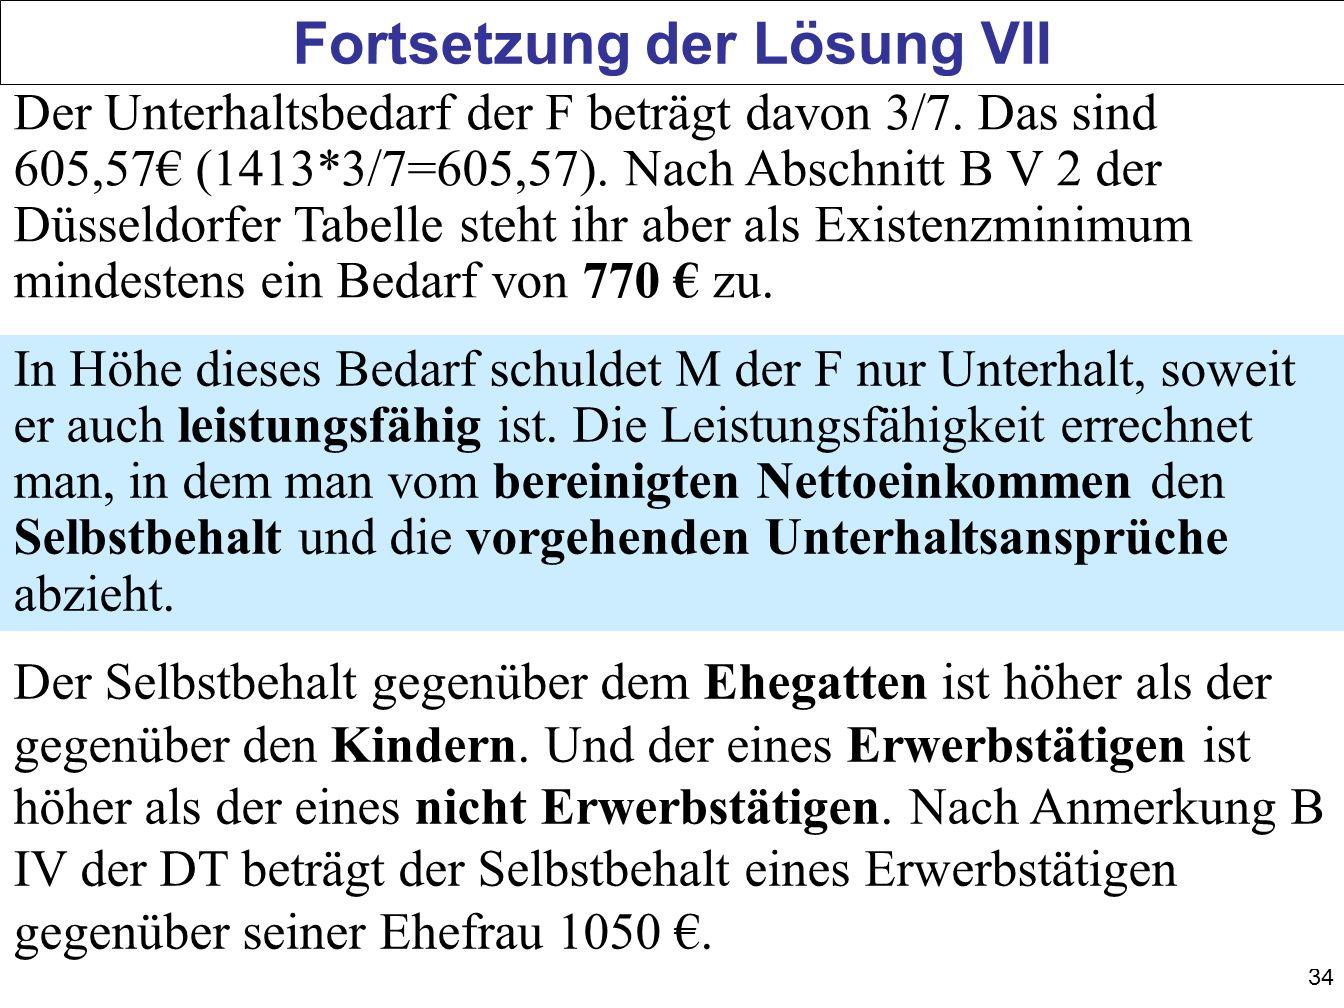 34 Fortsetzung der Lösung VII Der Unterhaltsbedarf der F beträgt davon 3/7. Das sind 605,57 (1413*3/7=605,57). Nach Abschnitt B V 2 der Düsseldorfer T